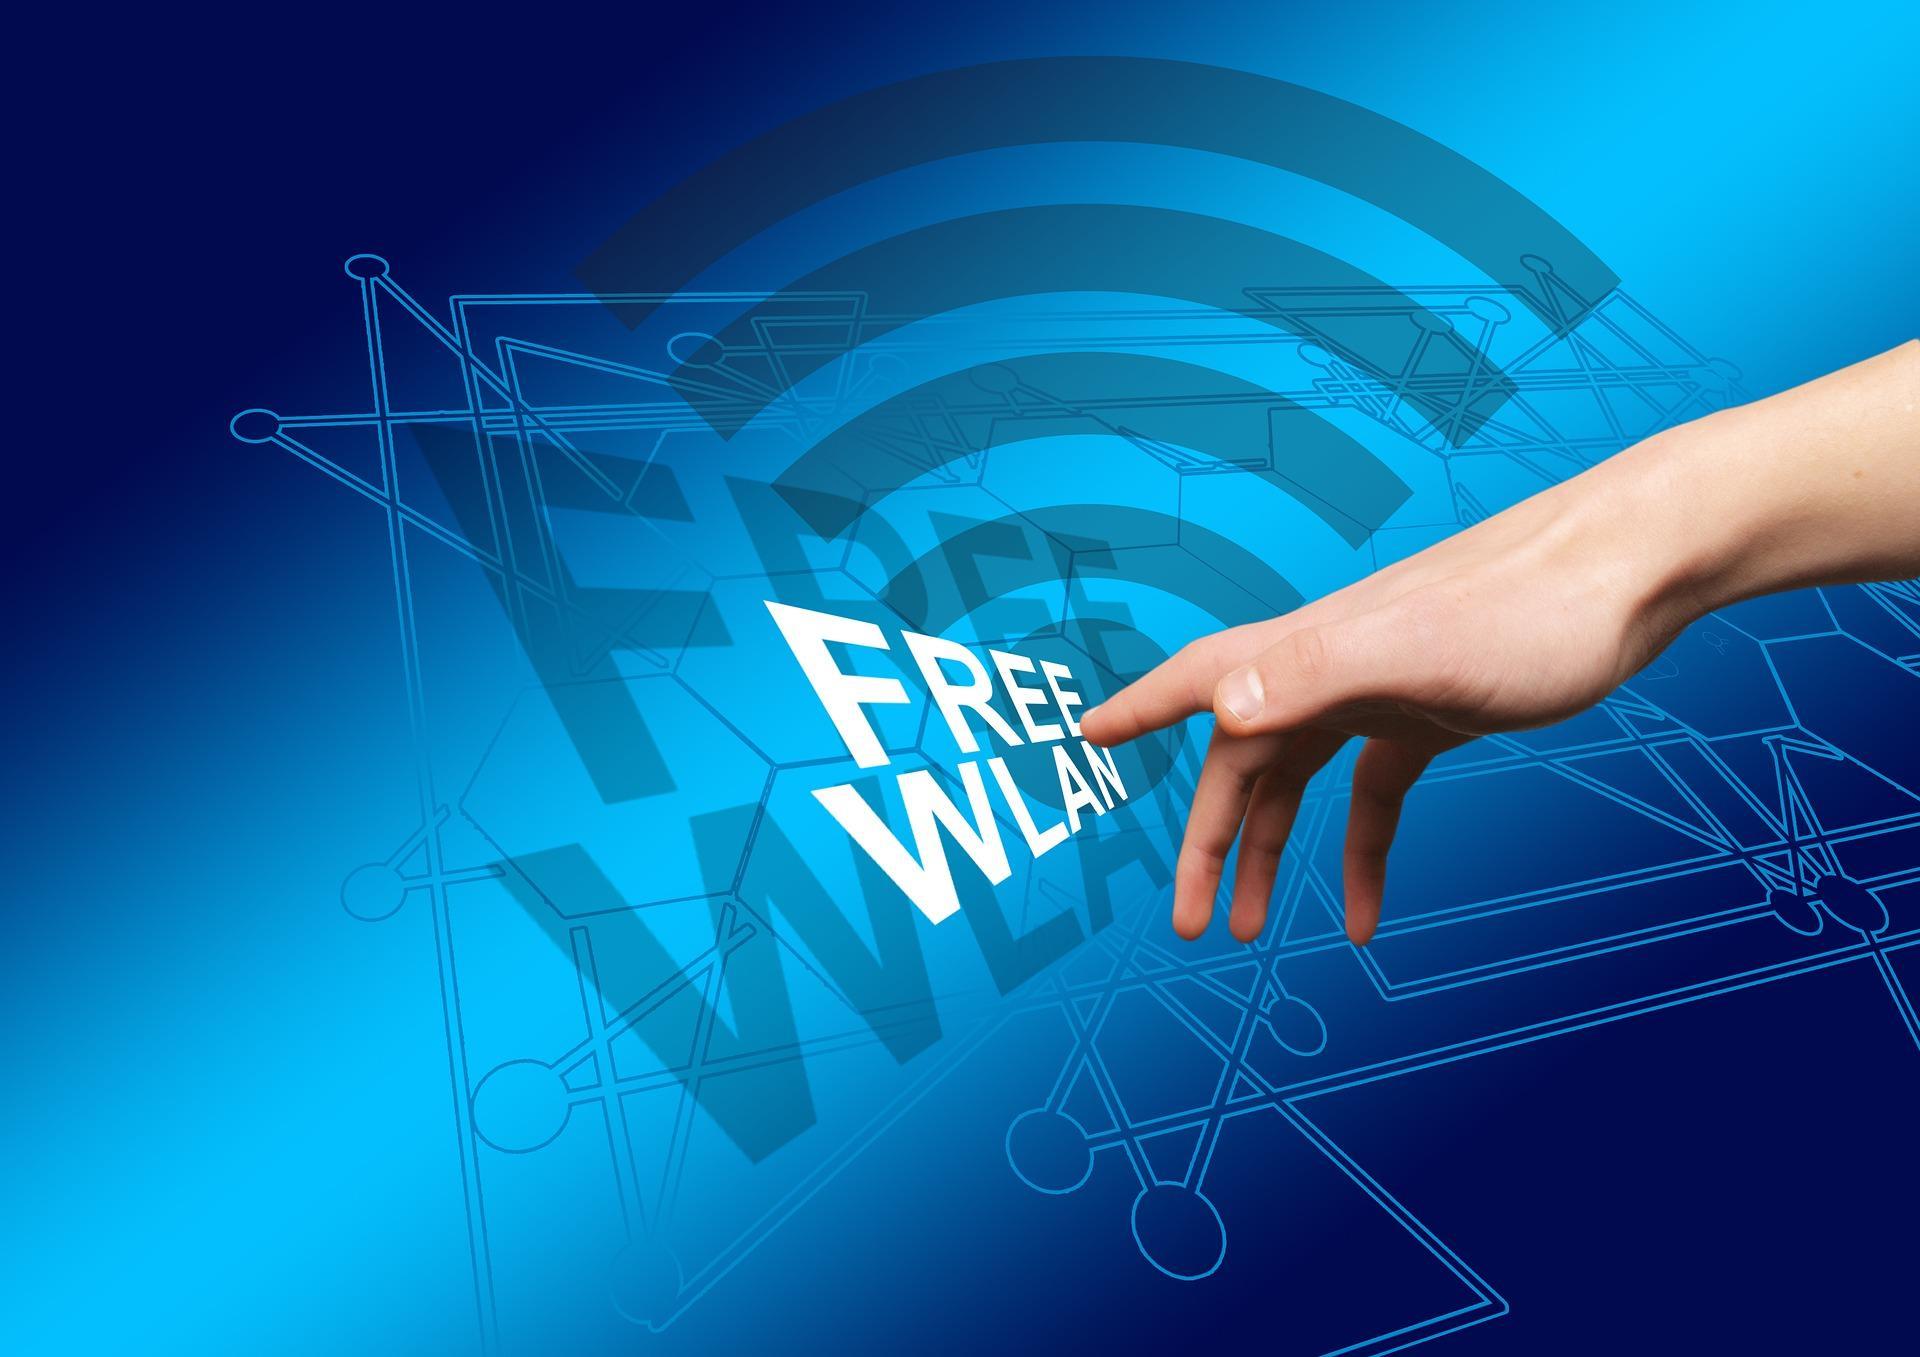 Бесплатный Wi-Fi вметро Москвы должен ускориться в2 раза